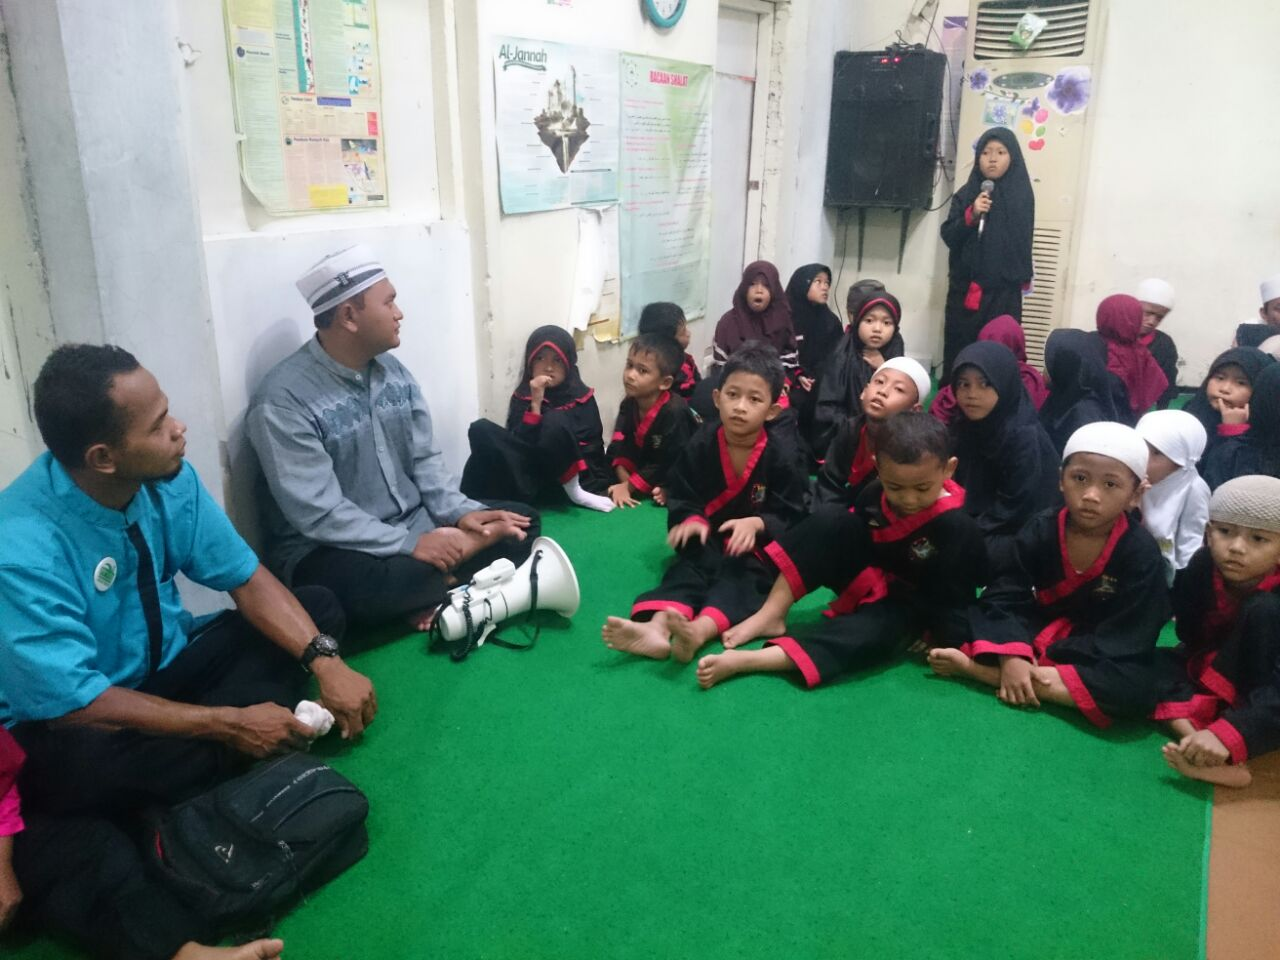 PPMI Soloraya Gelar Jum'at Berbagi Bersama Penghafal Quran STTD Al Hikam Solo